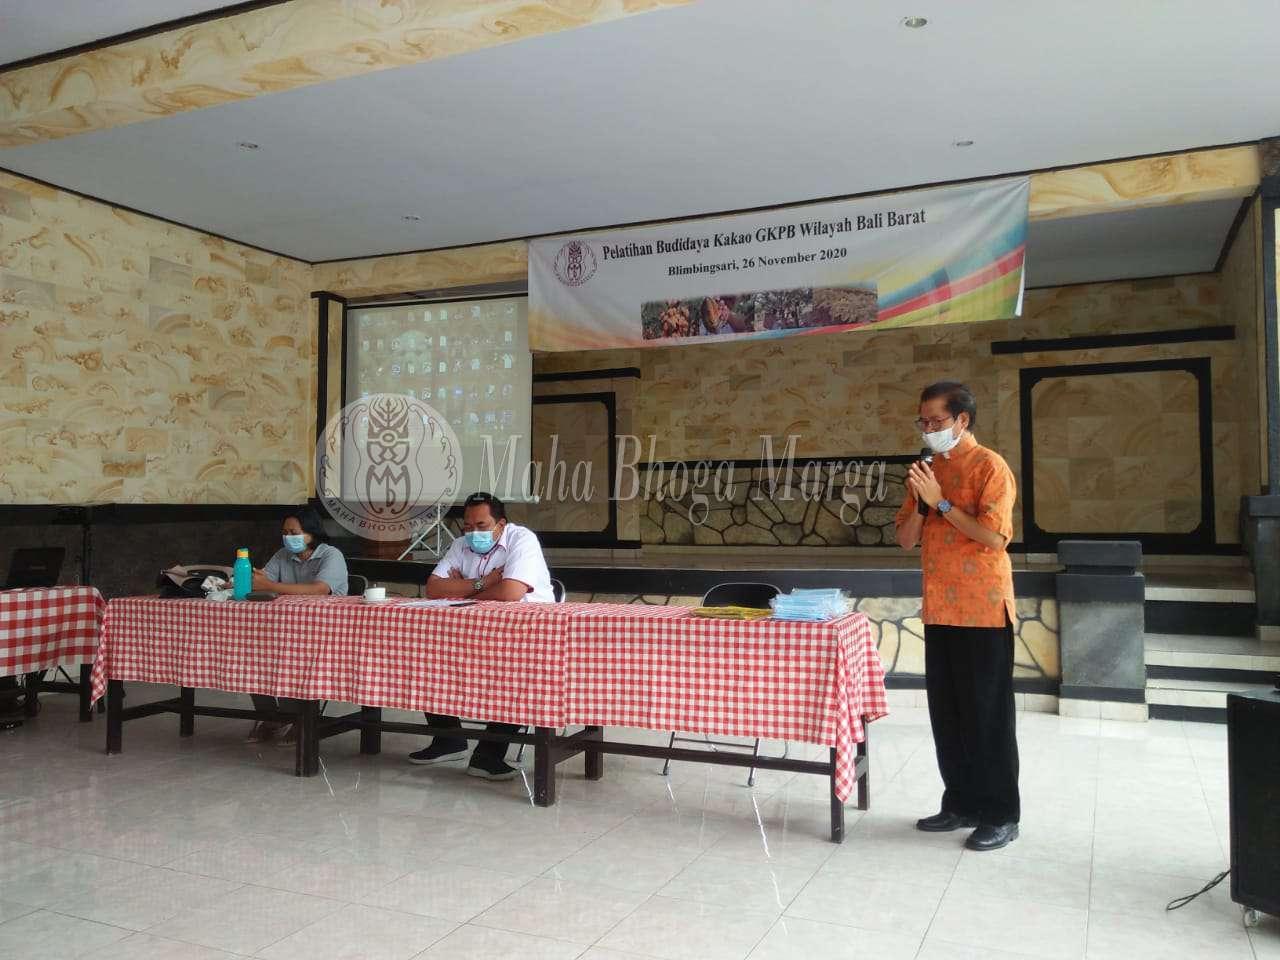 Pelatihan budidaya kakao GKPB Wilayah Barat